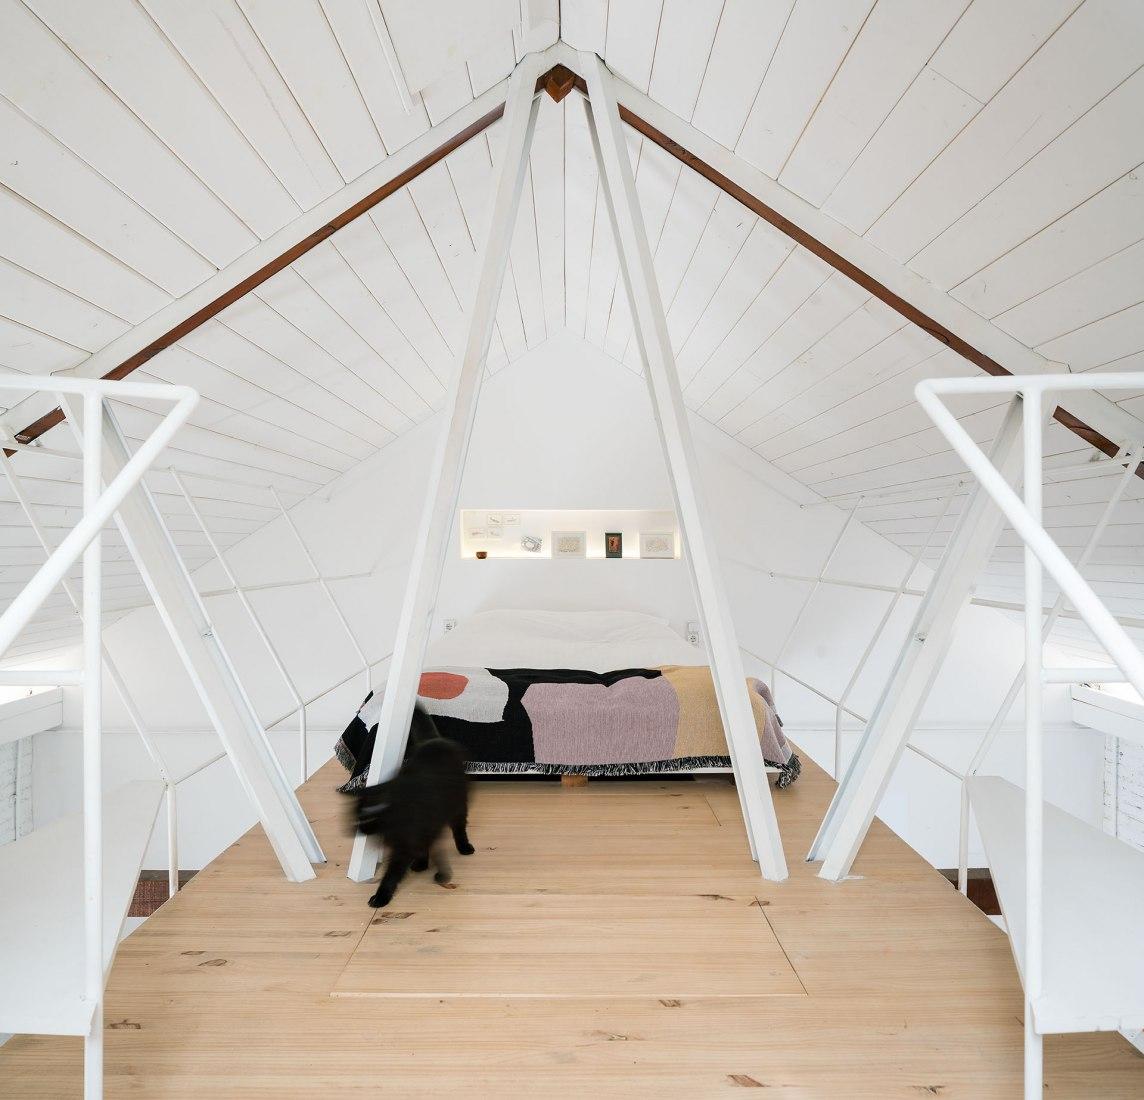 Vista interior. Reforma de una pequeña casa en hilera por Pía Mendaro. Fotografía por ImagenSubliminal